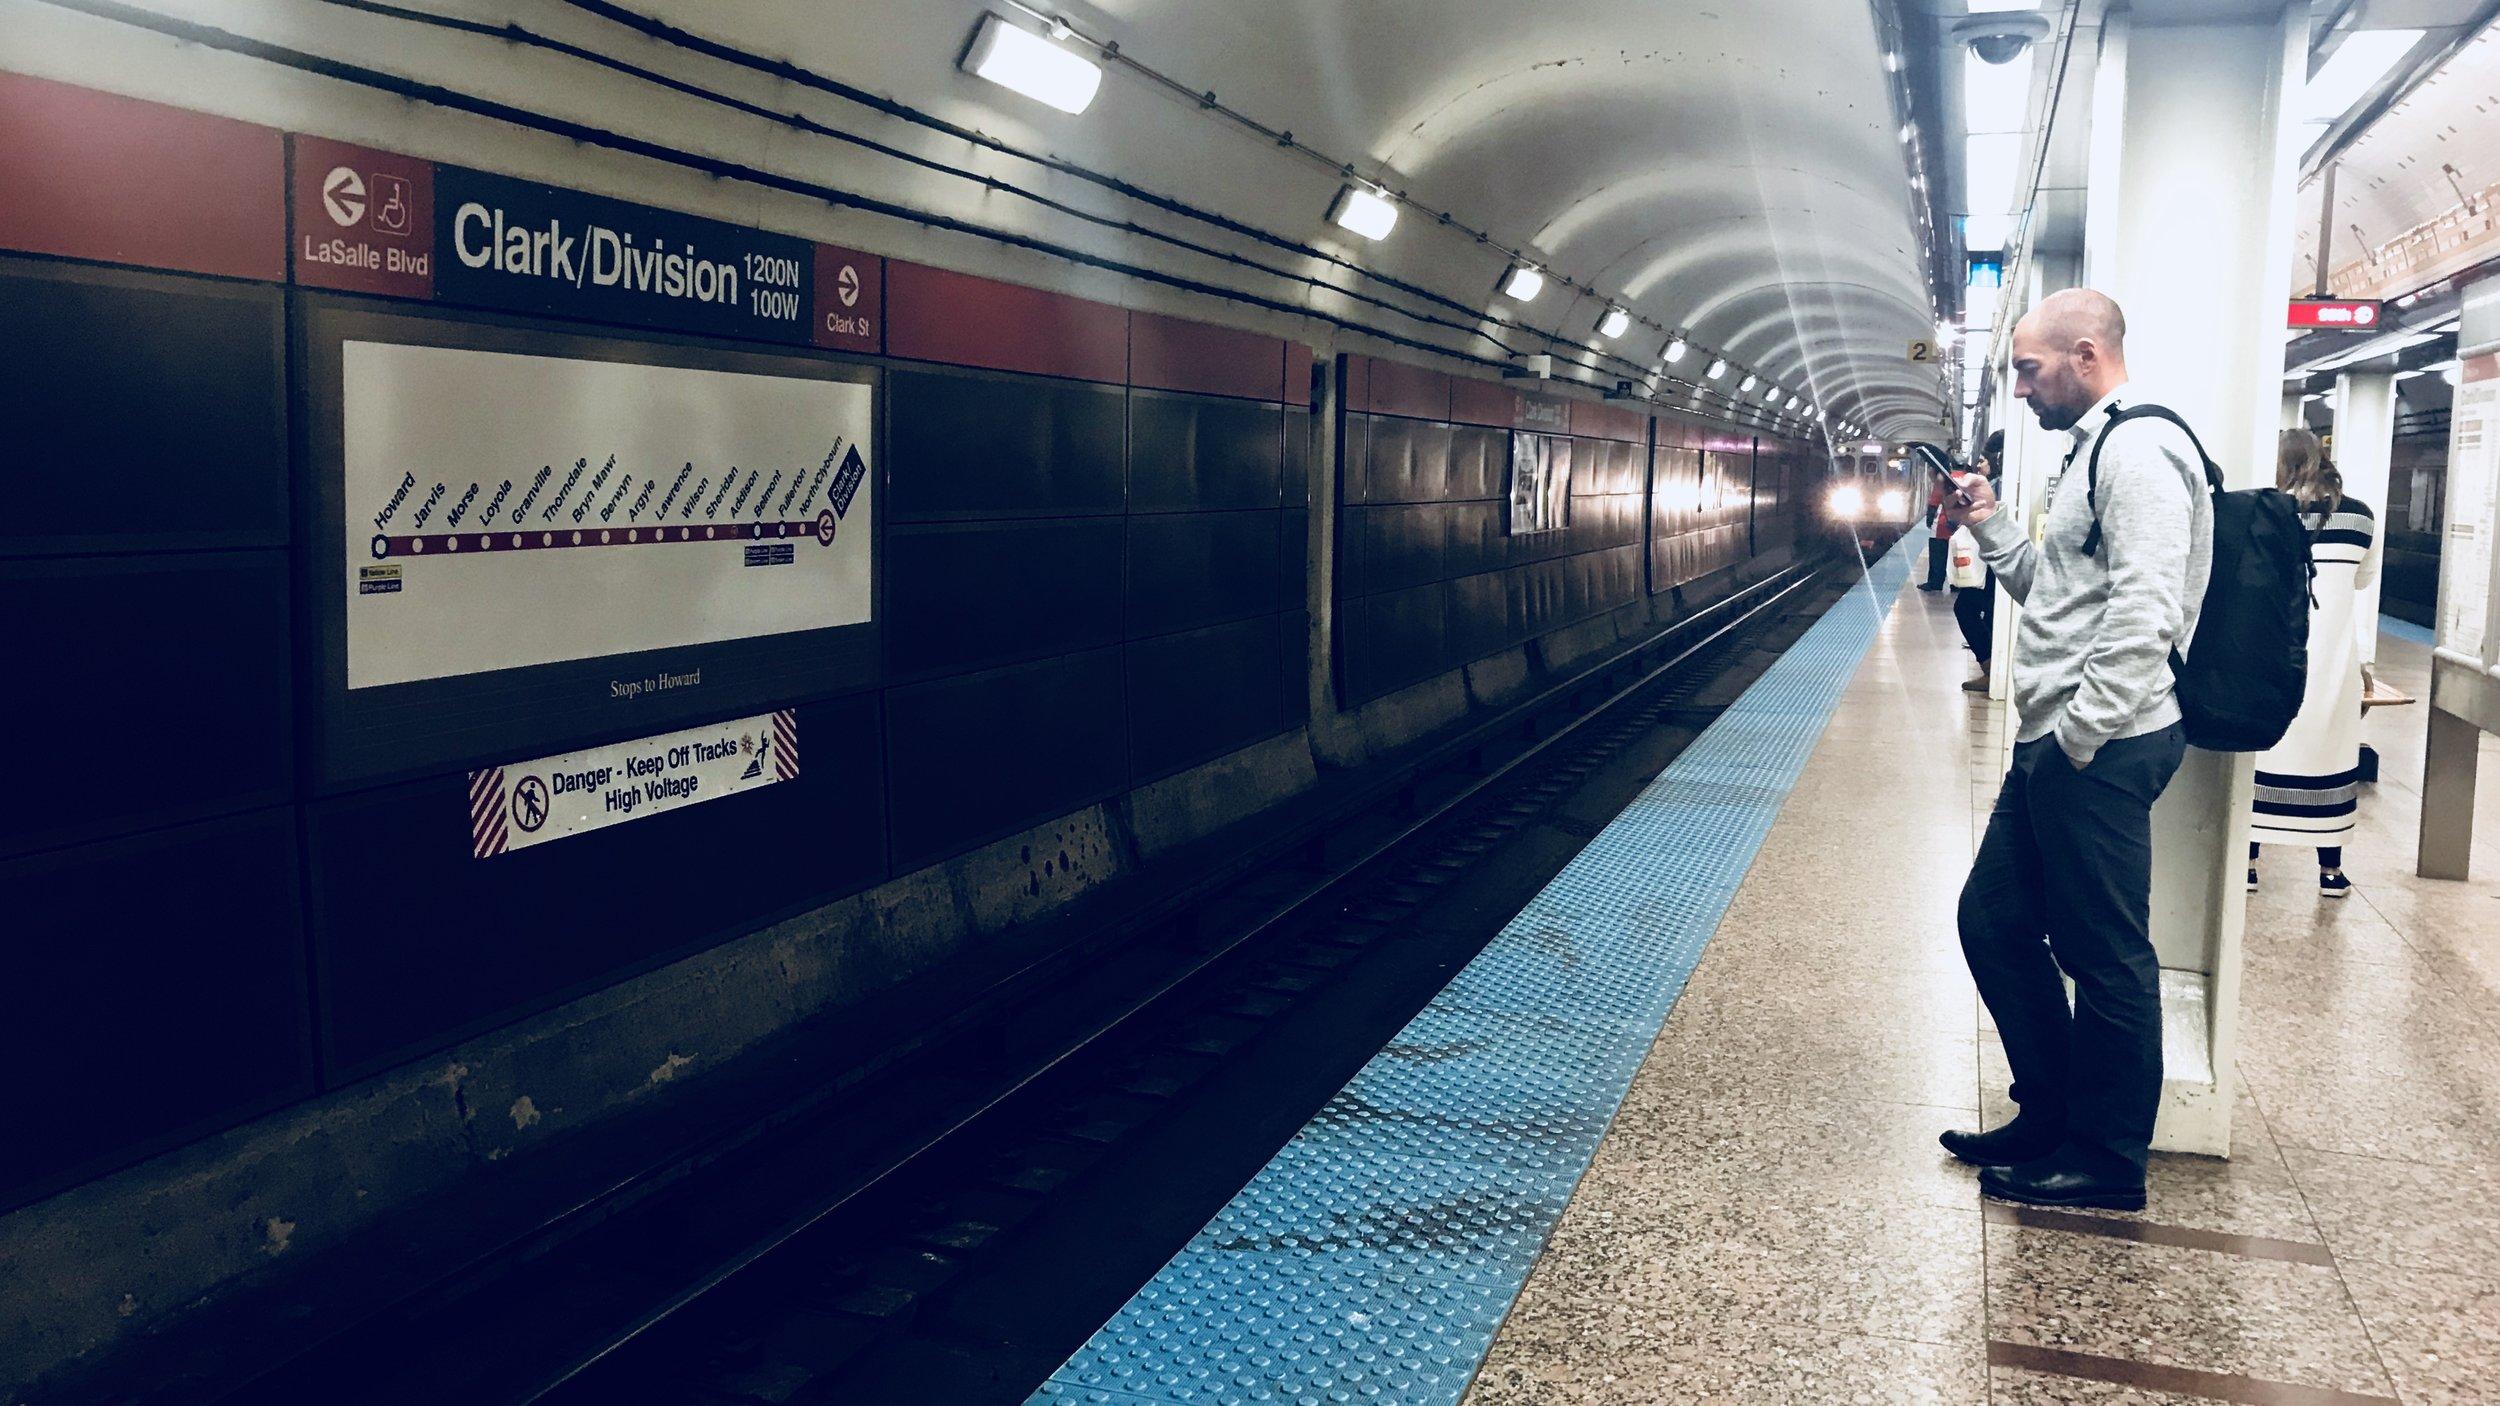 Clark/Division, Chicago, 9/28/2017